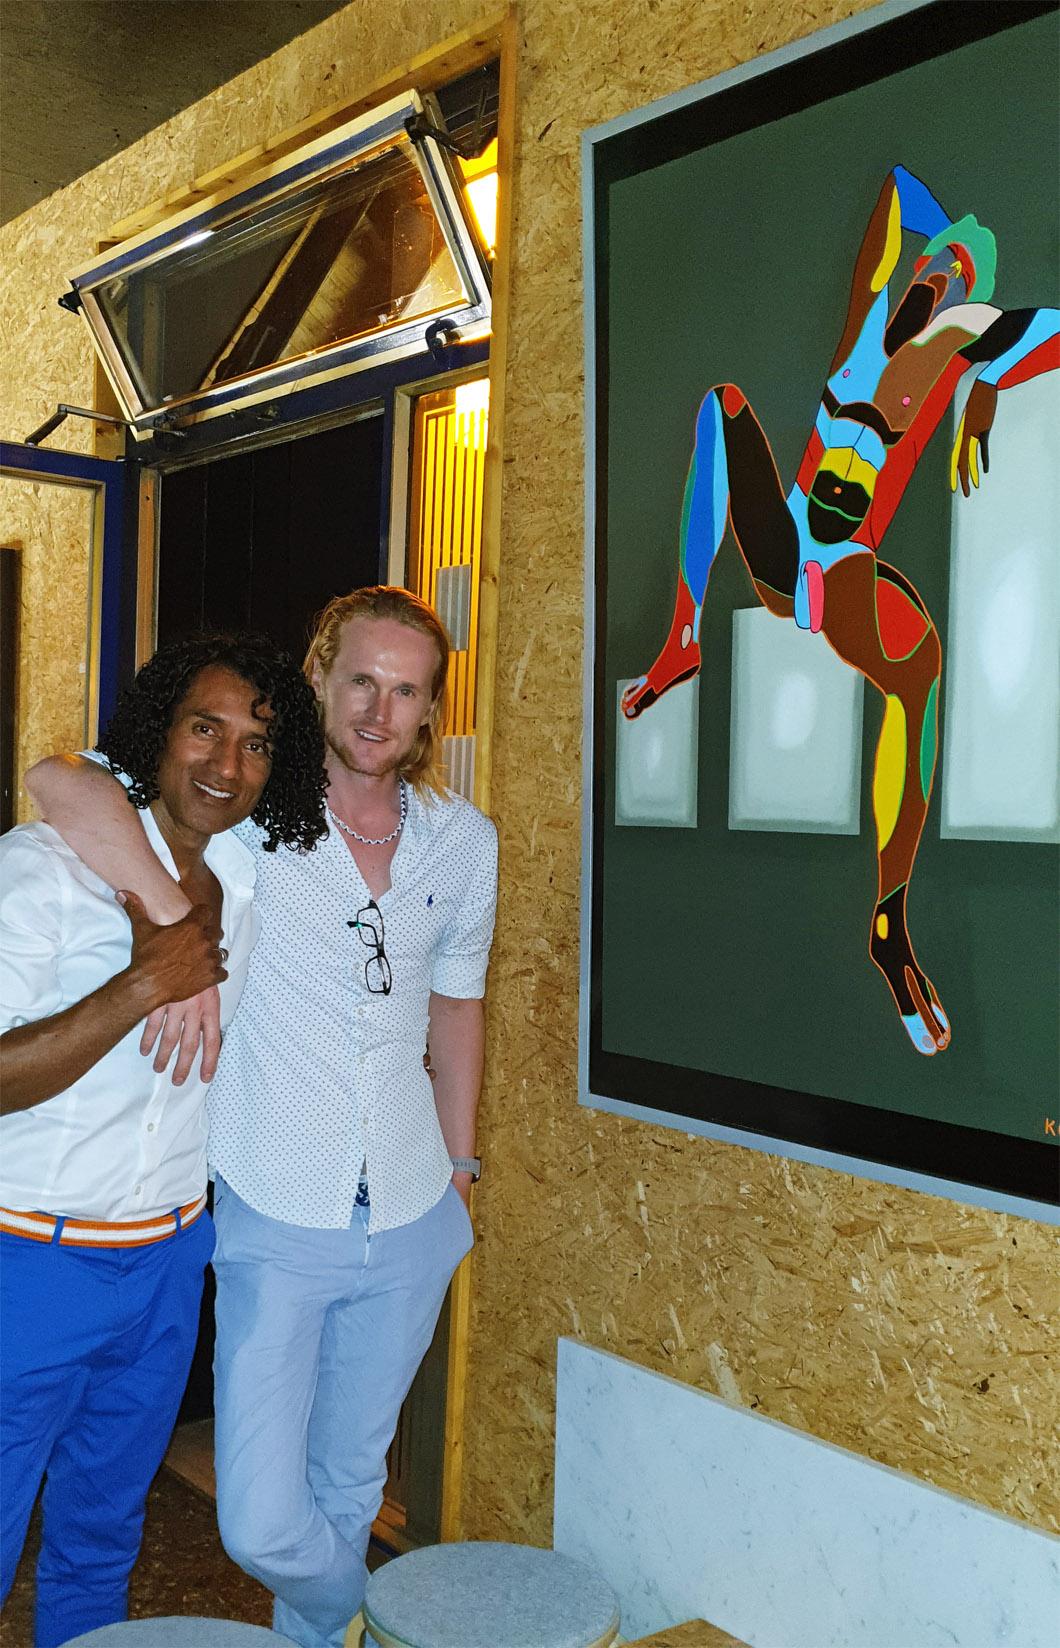 Arte contemporáneo Valencia Karlo Grados España artista galería óleo desnudo hombre sexy exposiciones Fiesta